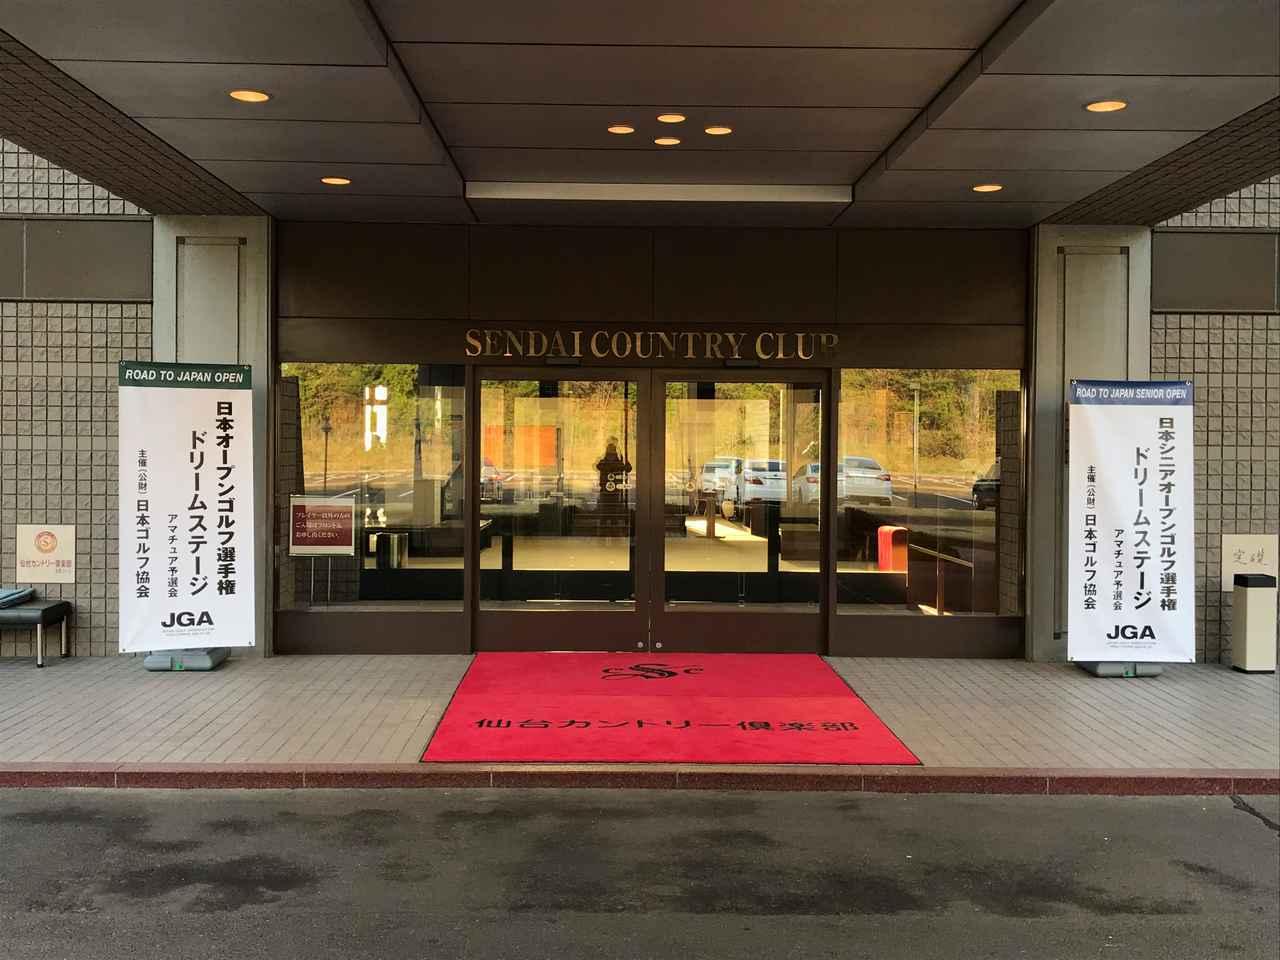 画像1: 【仙台CCの日本オープン・日本シニアオープンドリームステージが終了】